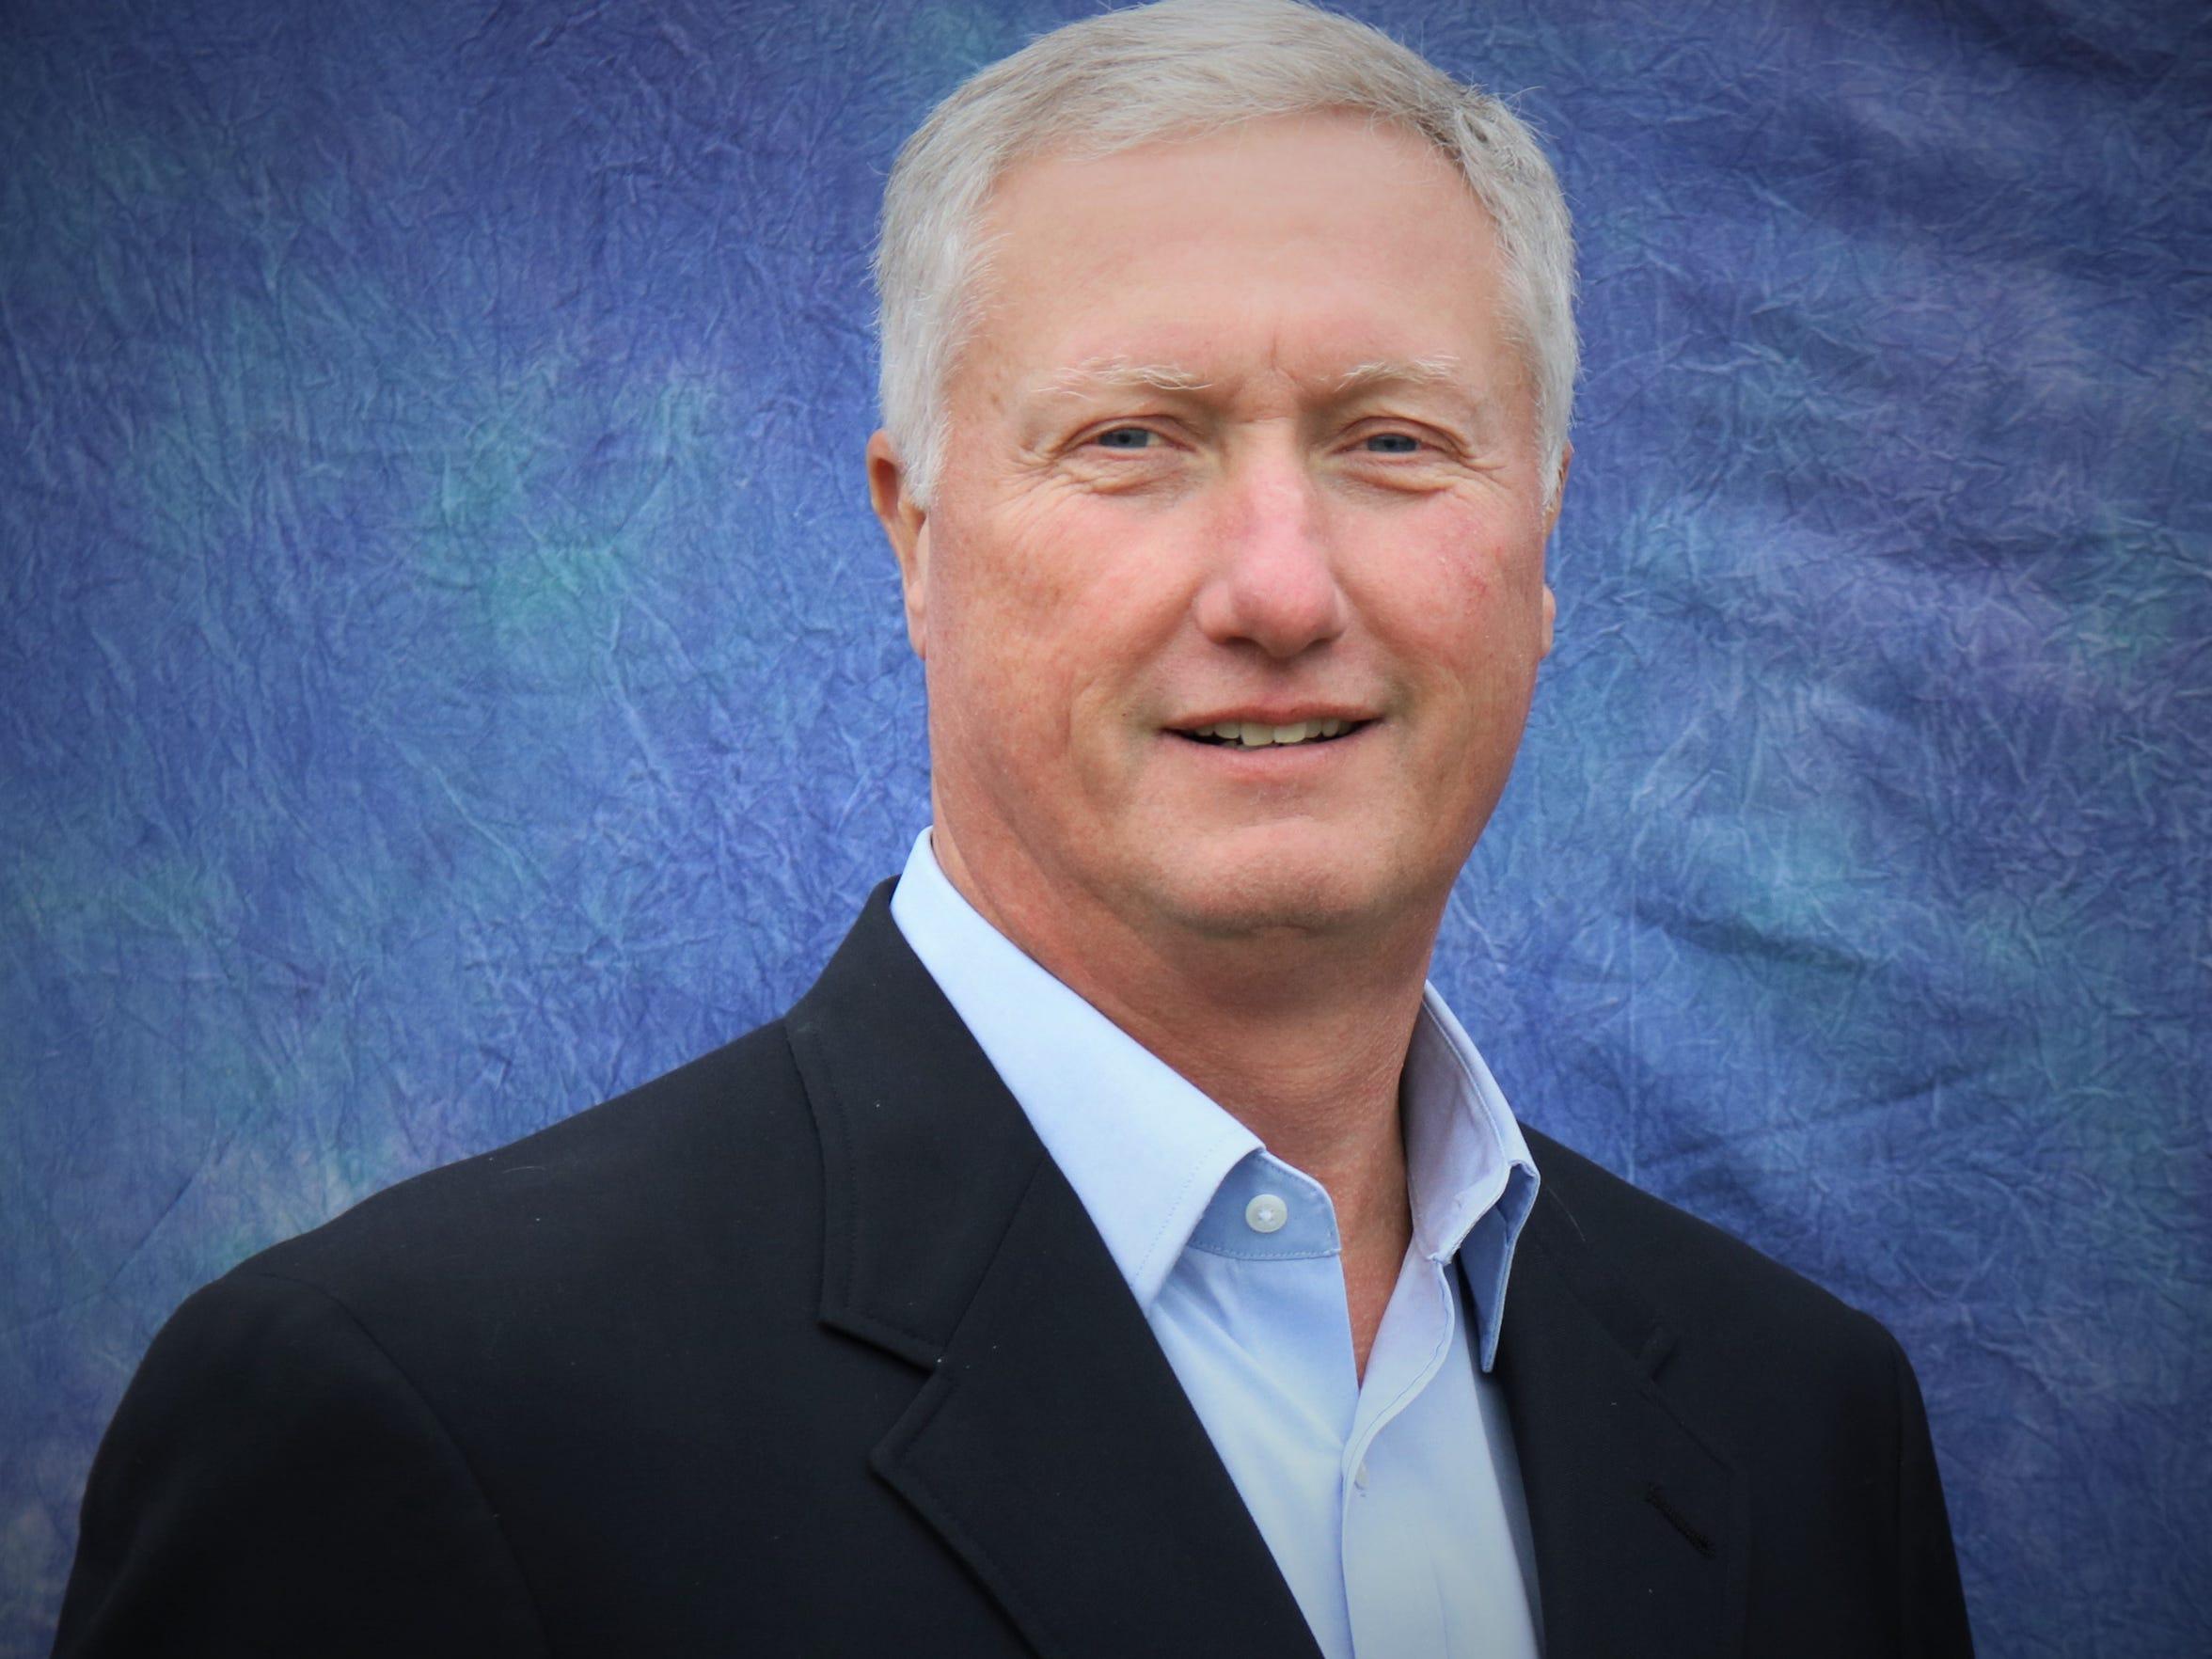 Joe Moran, CEO of Allen Harim